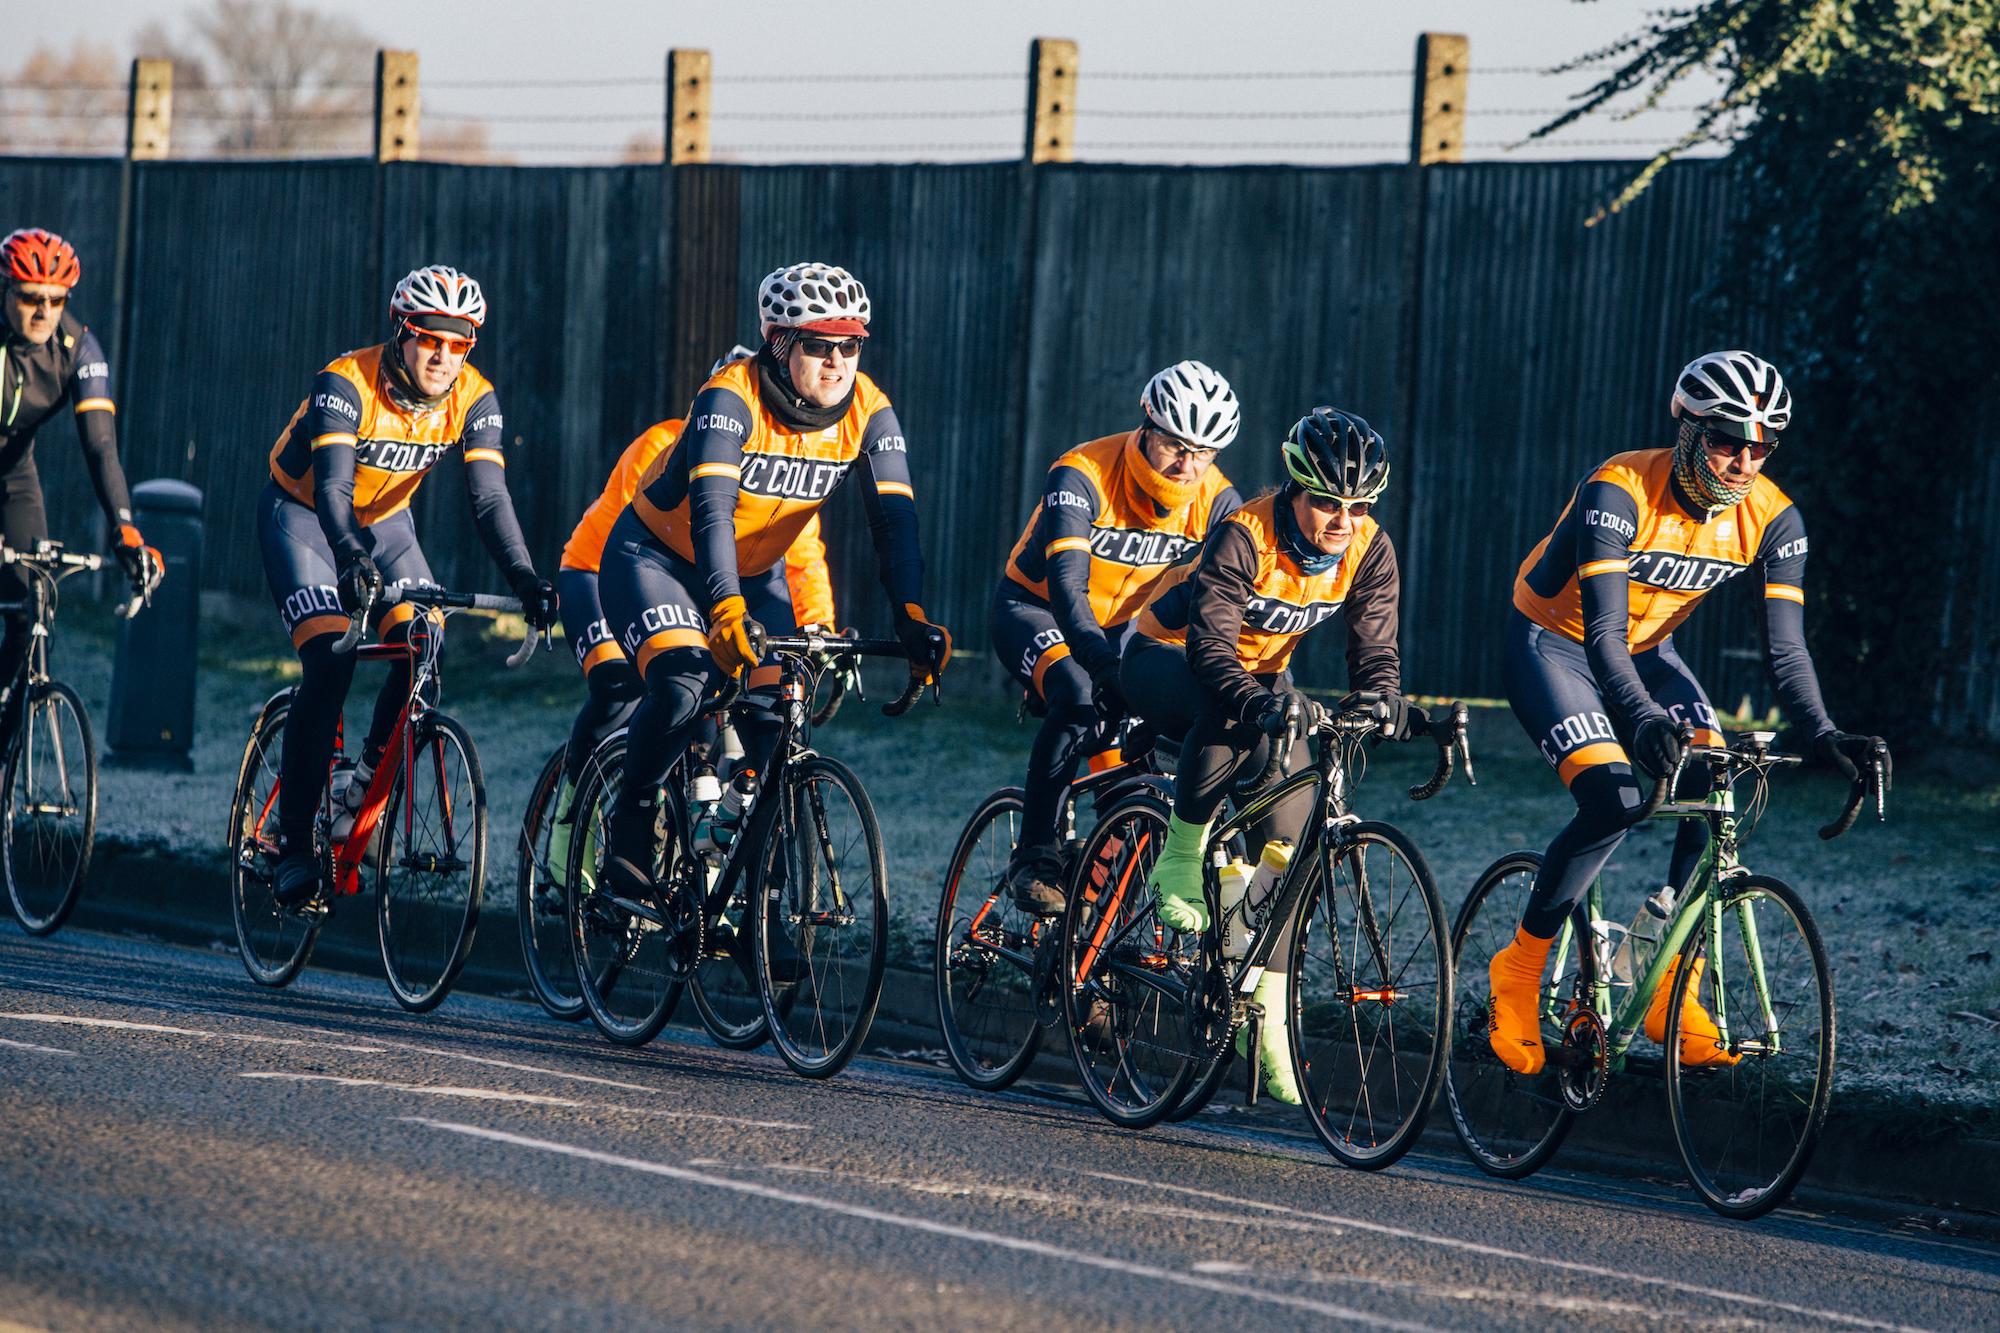 Como pedalar em um grupo - não sobreponha rodas